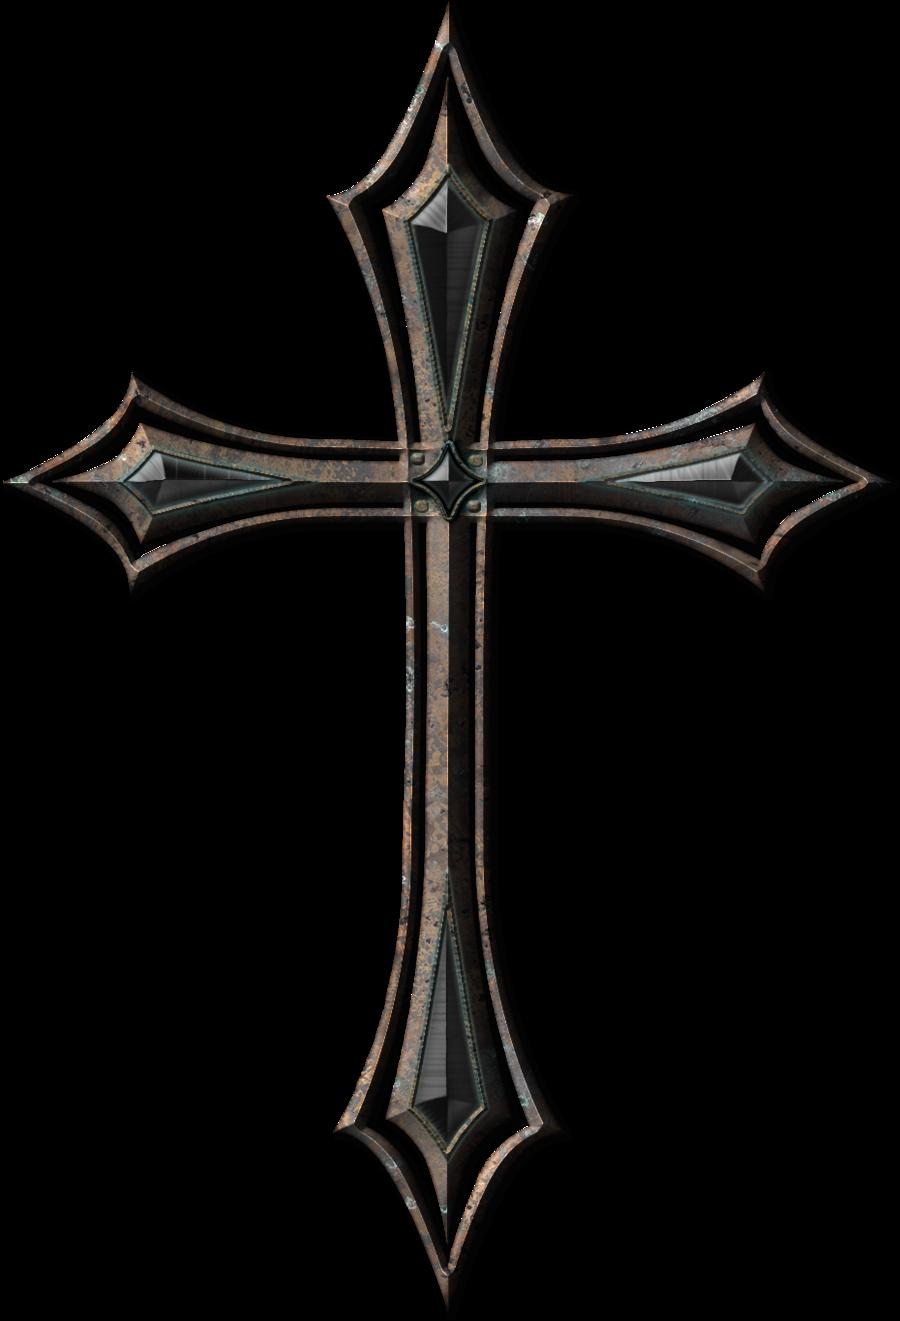 Hammer clipart crossed. Old metal cross google